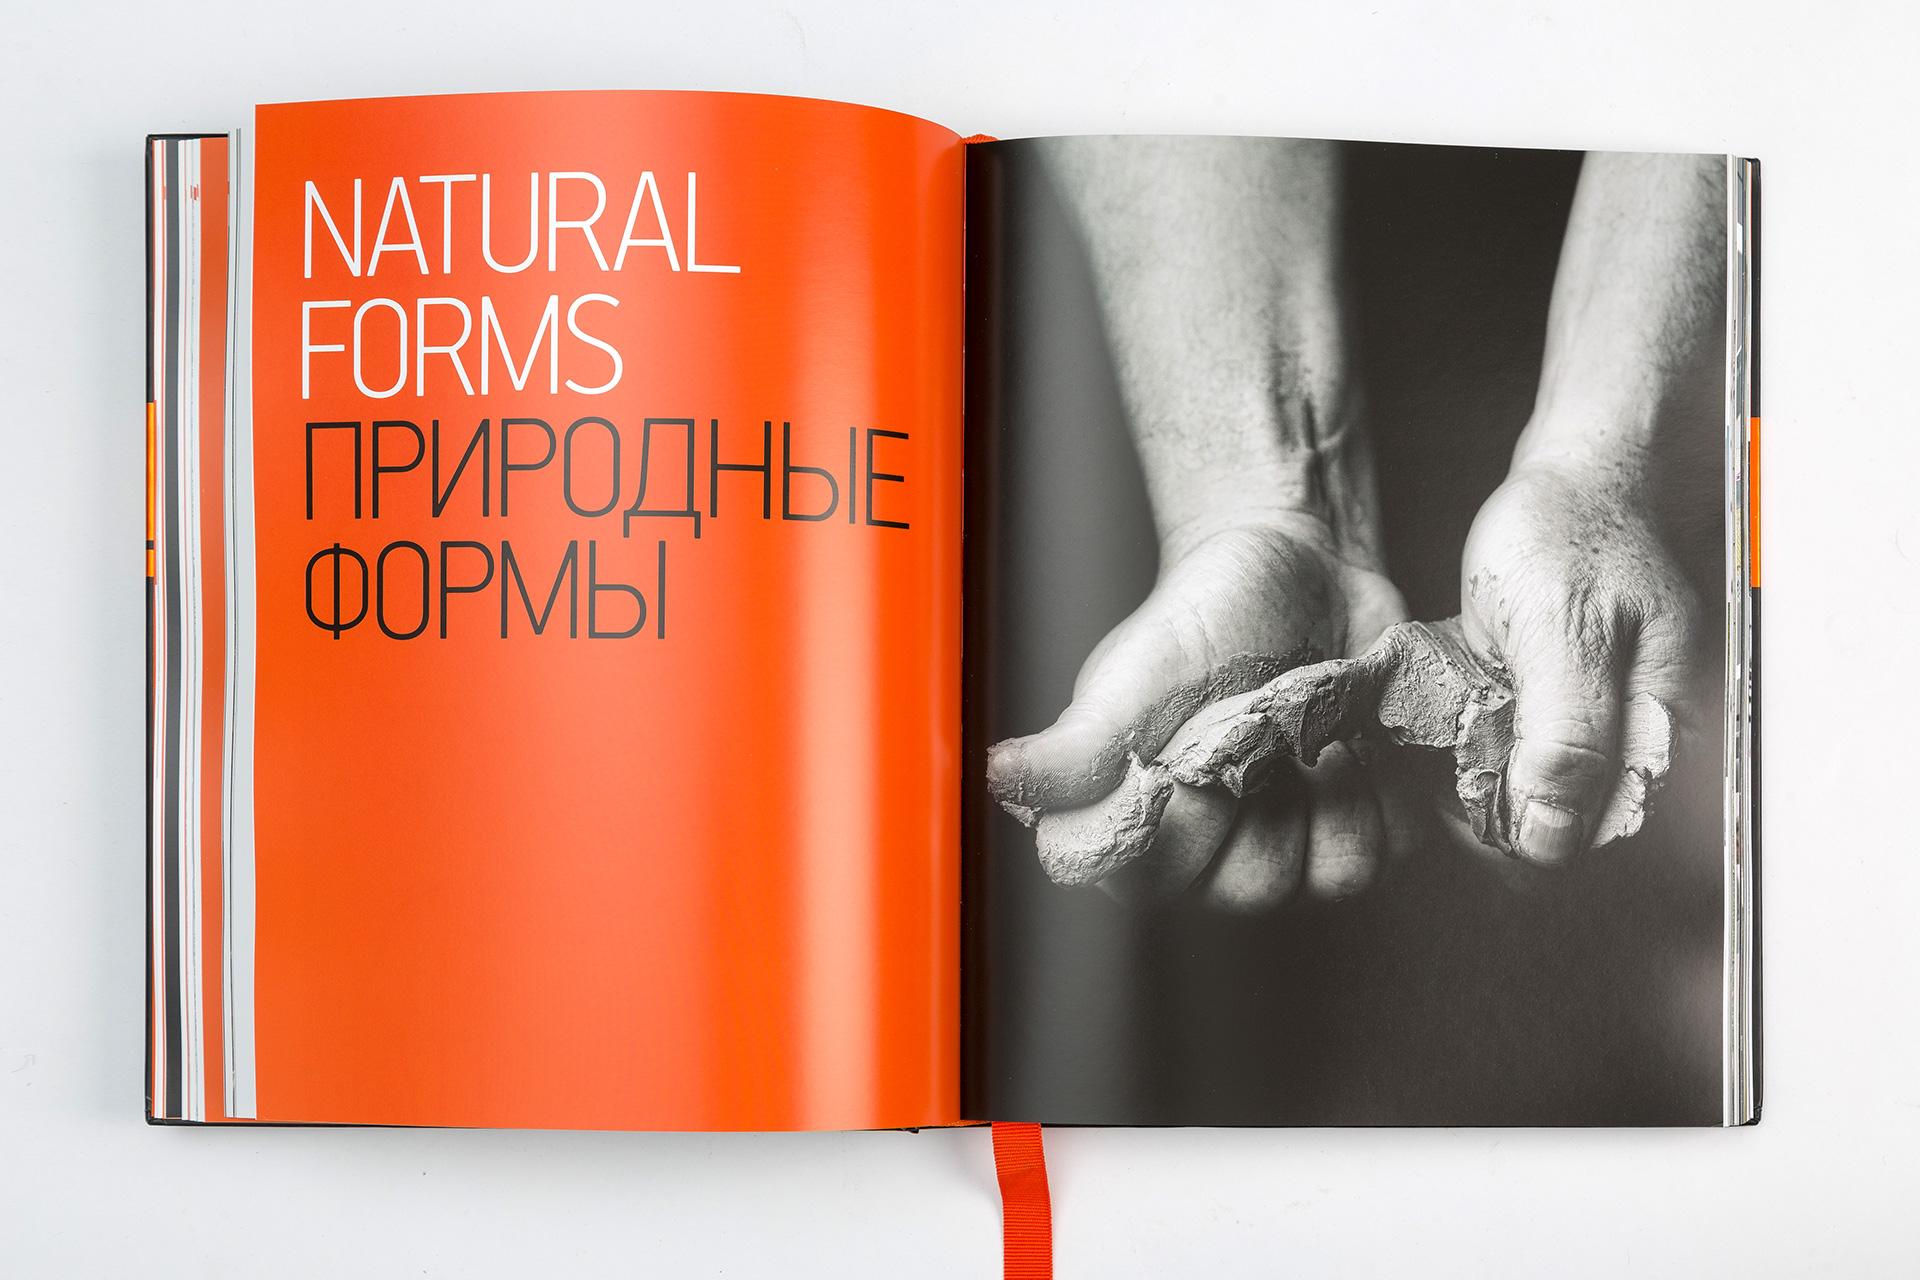 Asgard Branding, художественный альбом, дизайн, типографика, печатные издания, дизайн книги, Михаил Рева